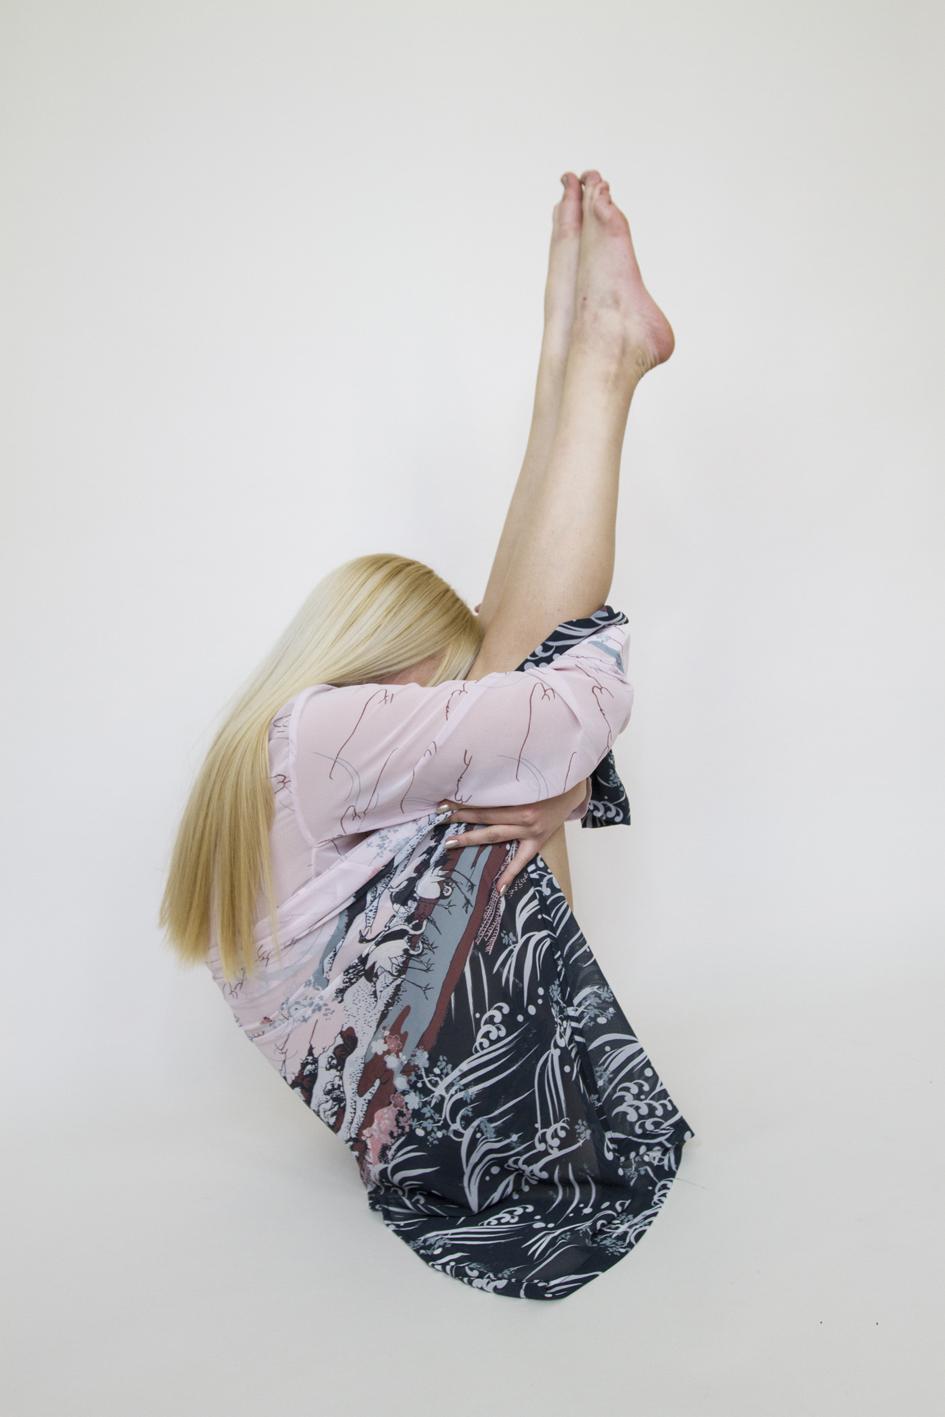 <b>Ema Hlinovská</b> <br><br>maturitní práce | 4.ročník